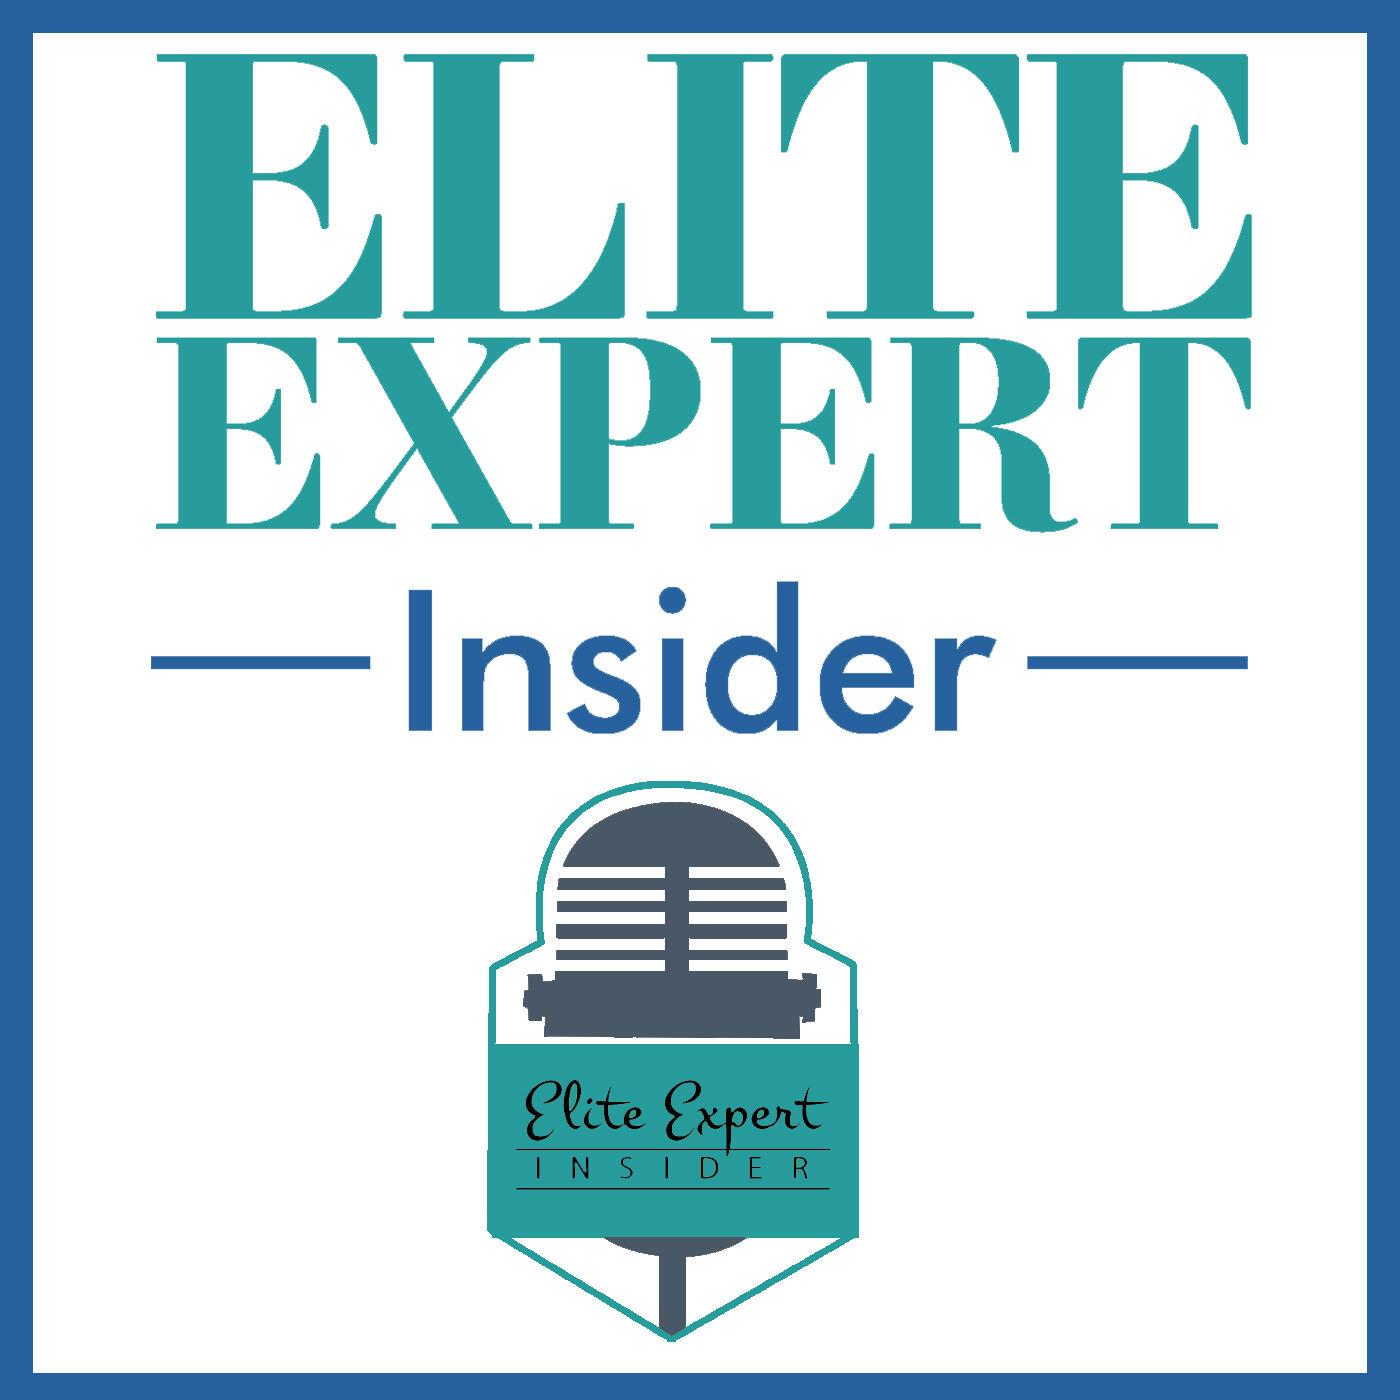 Elite Expert Insider